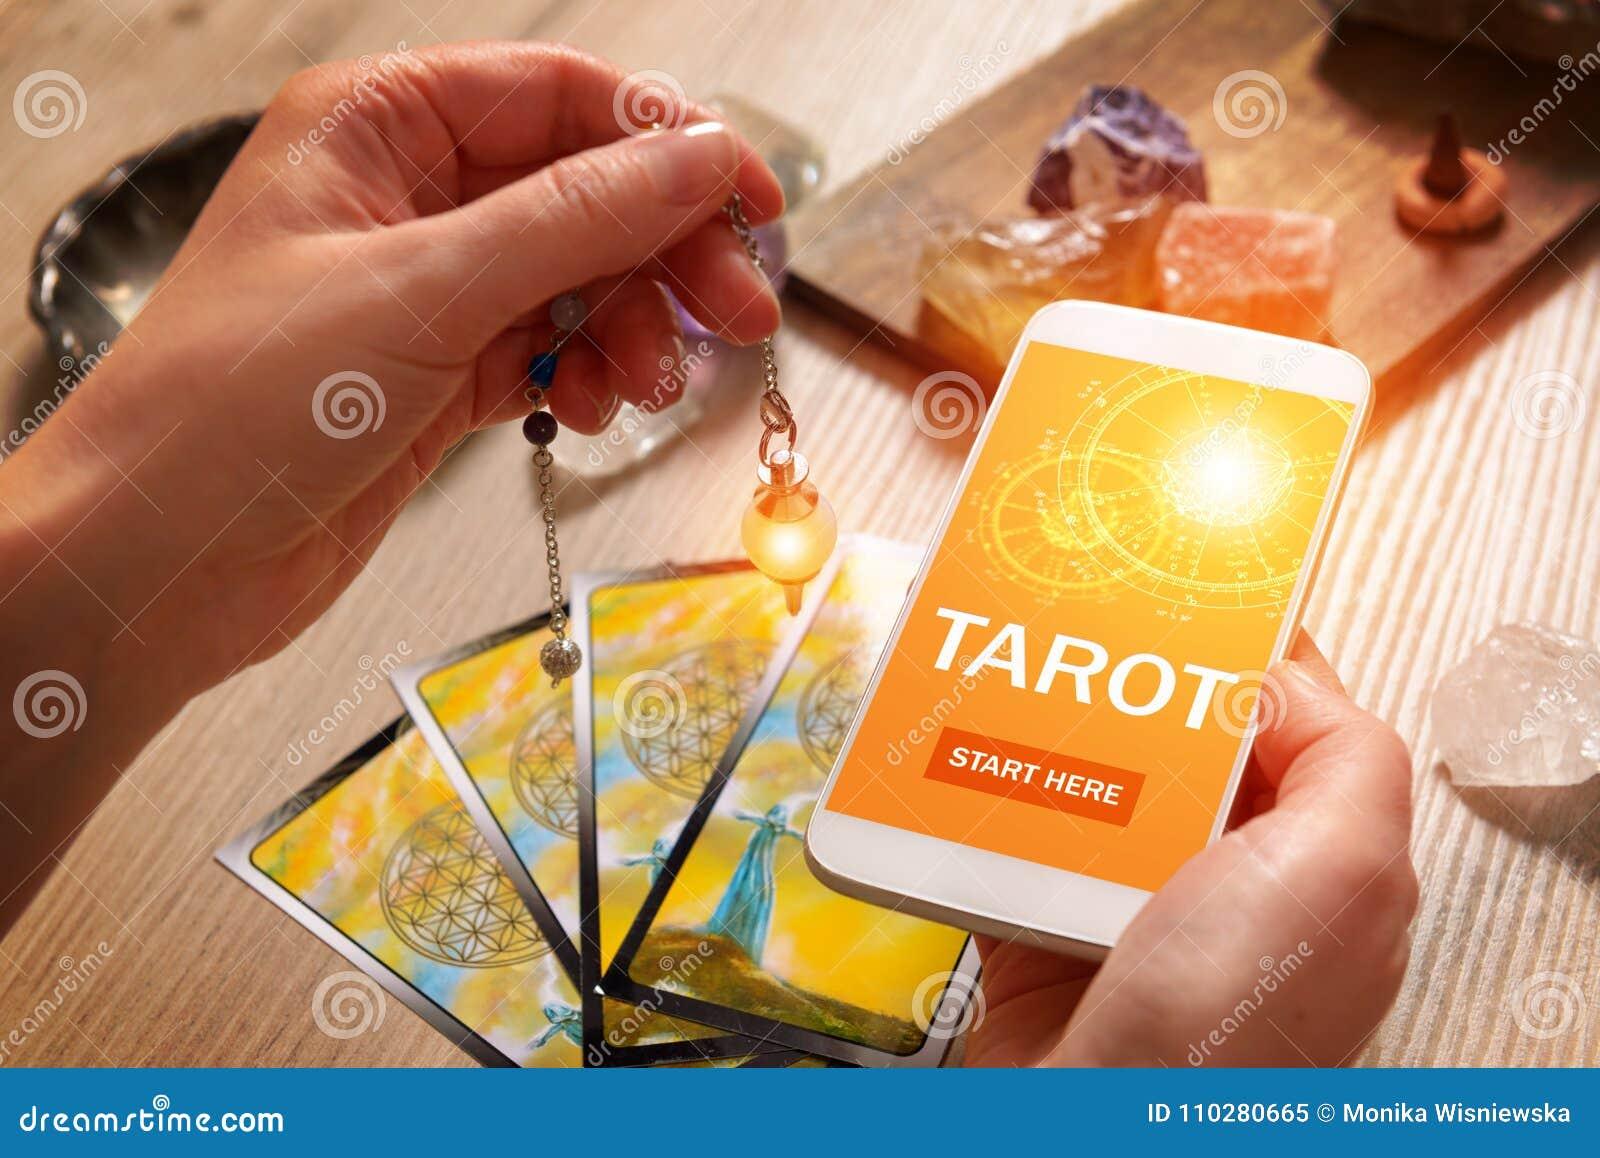 占卜用的纸牌和手机